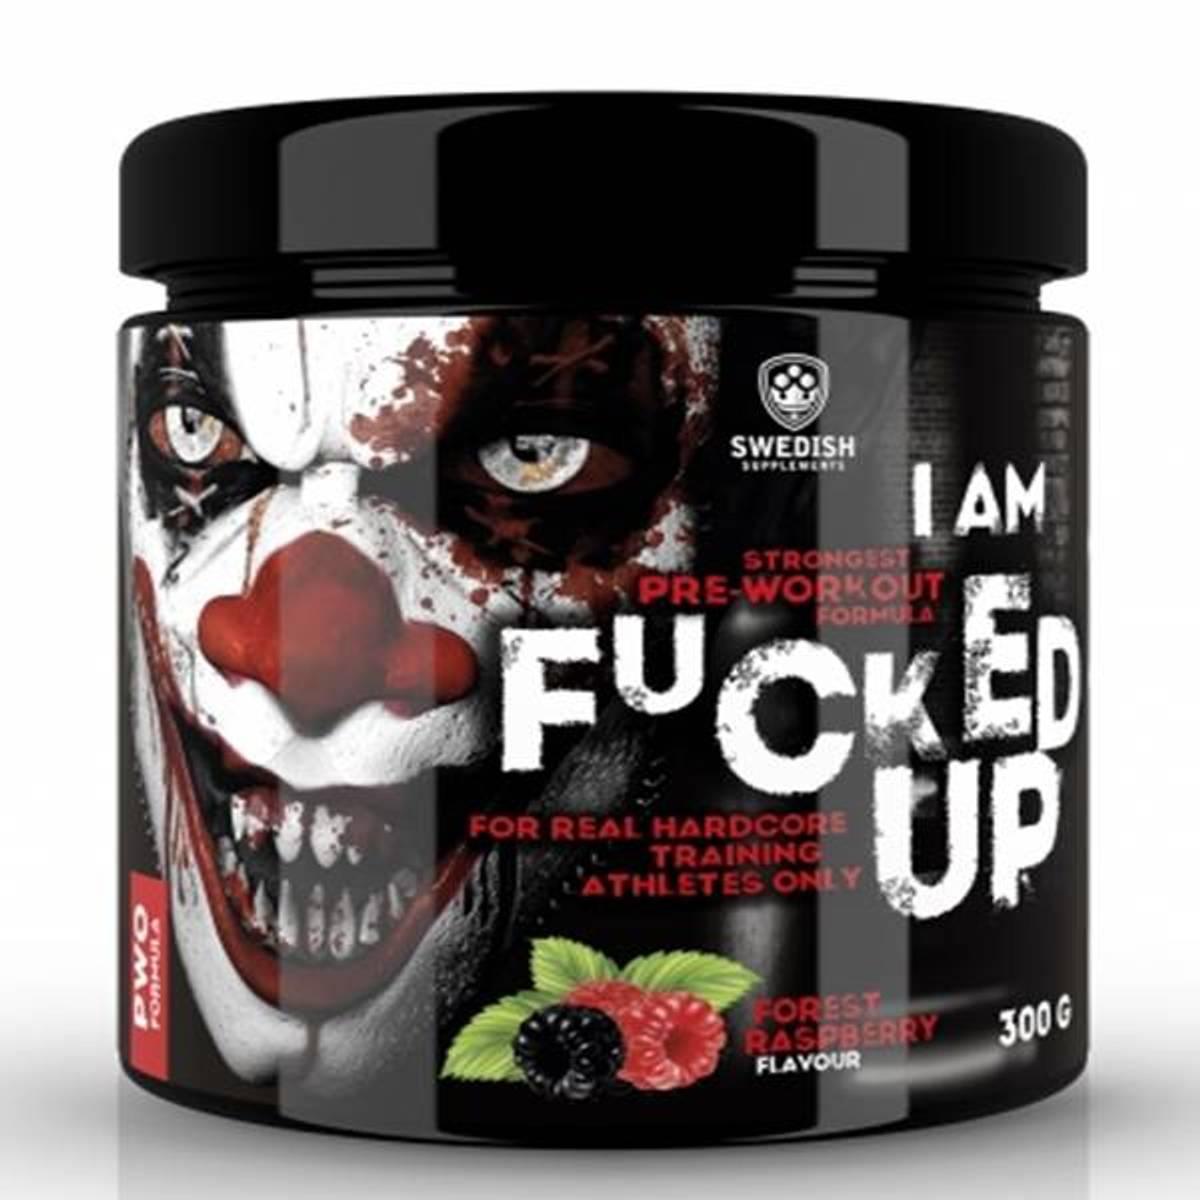 Fucked Up - Joker Edition - 300g